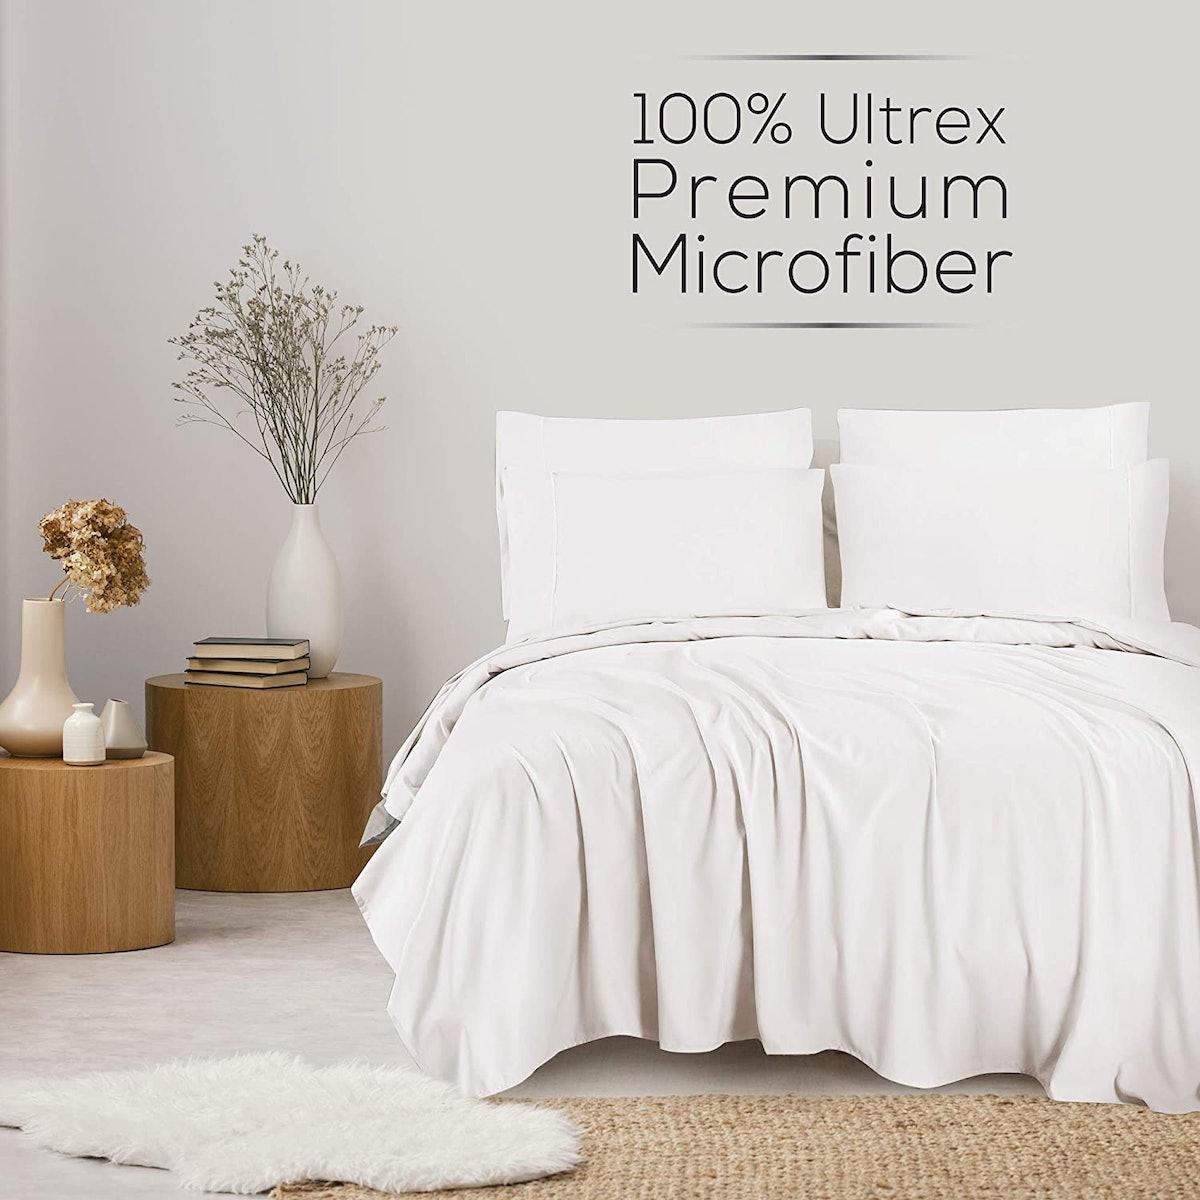 Mueller Austria Ultratemp Bed Sheets Set